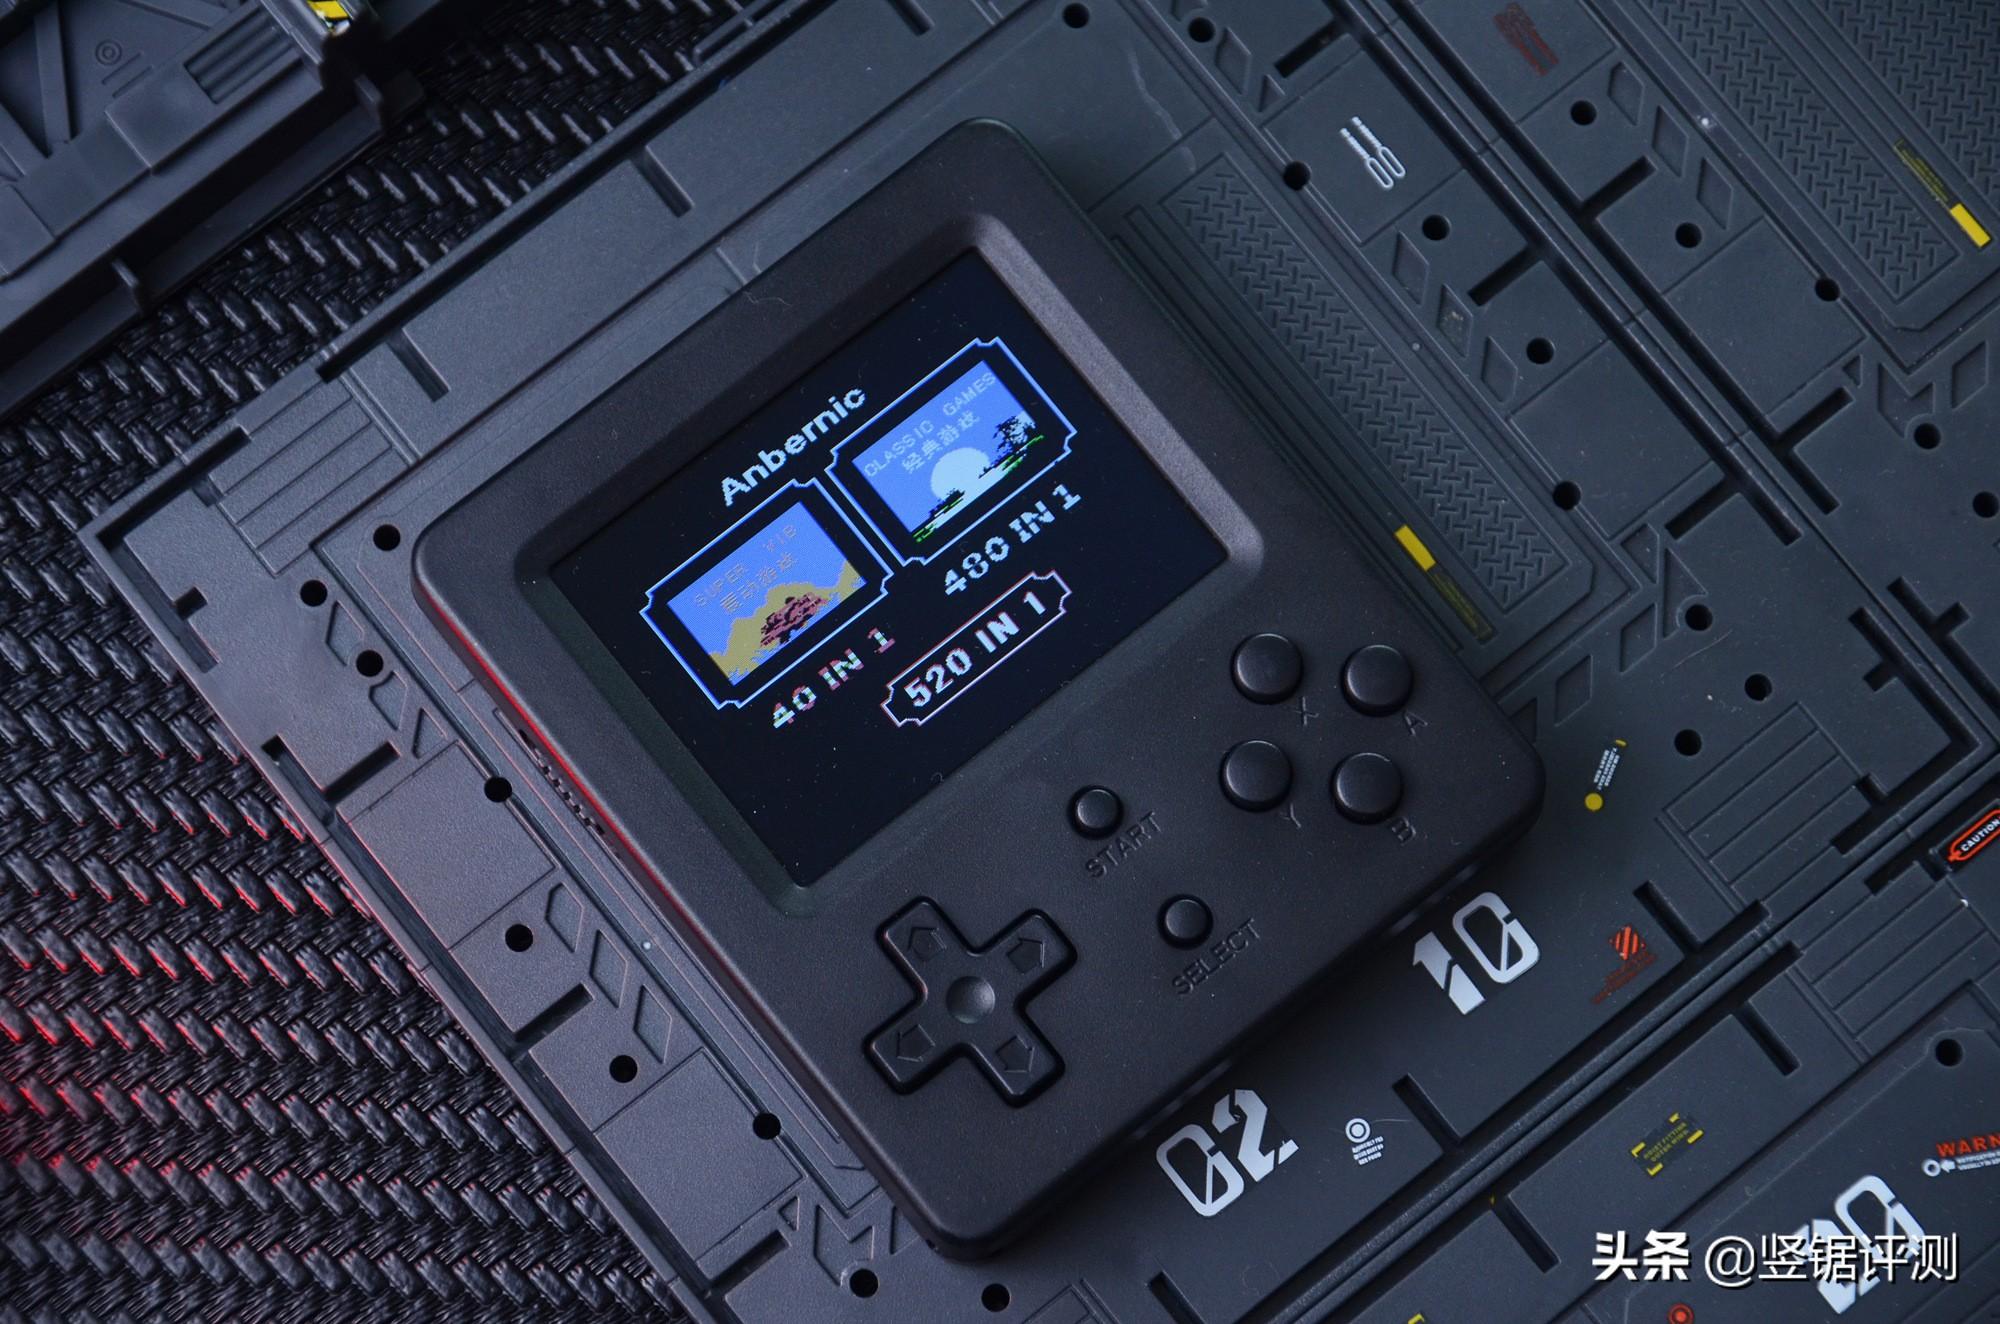 """中国新推出的""""FC掌机""""评价:3英寸屏幕,有40个振动游戏可玩"""